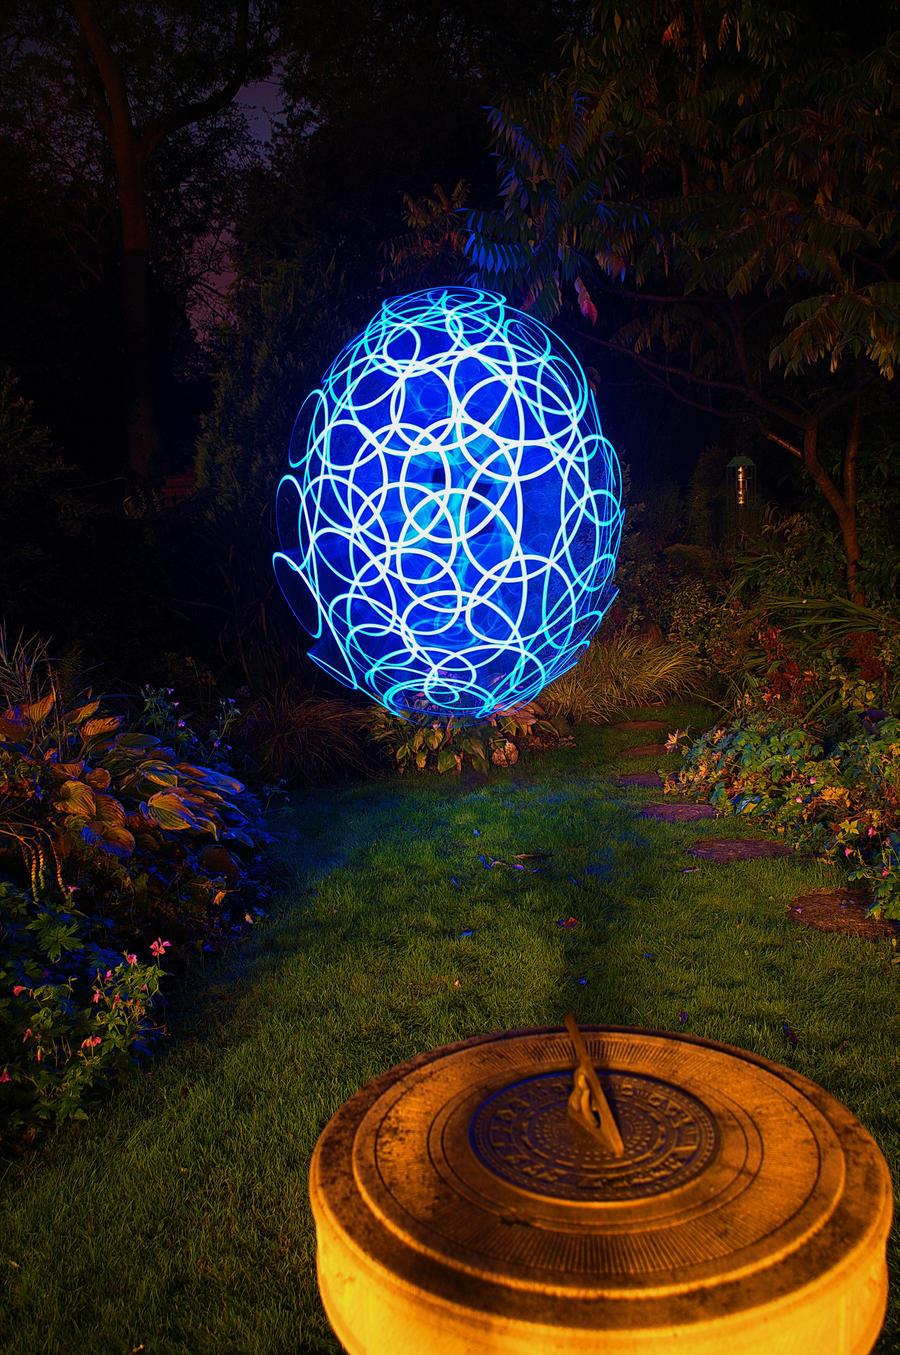 The Midnight Garden by Grunvald